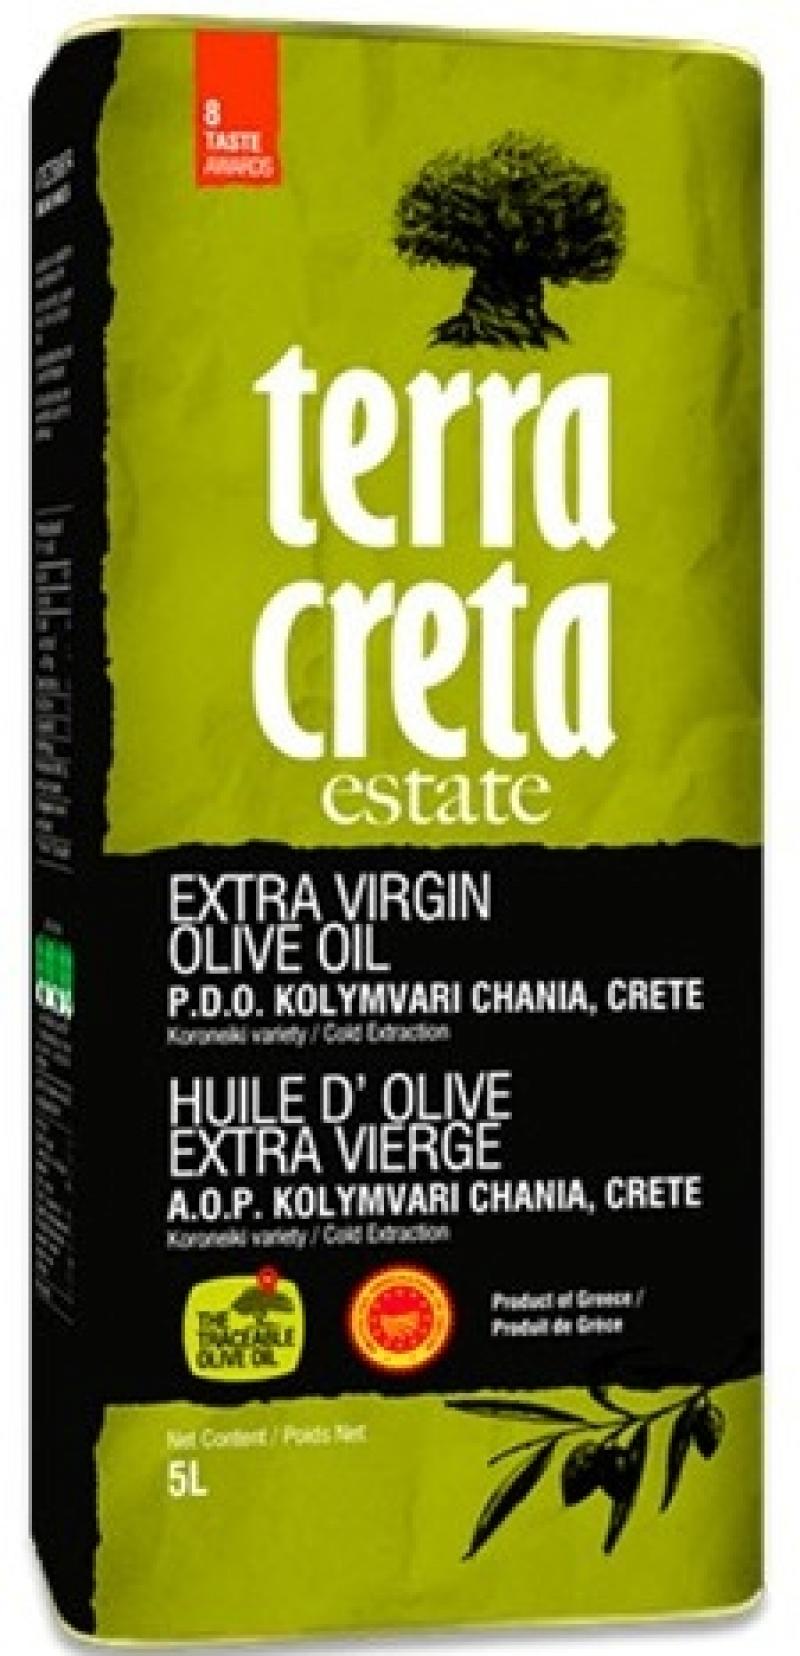 Ulei de masline extravirgin Terra Creta - Deliveras.ro